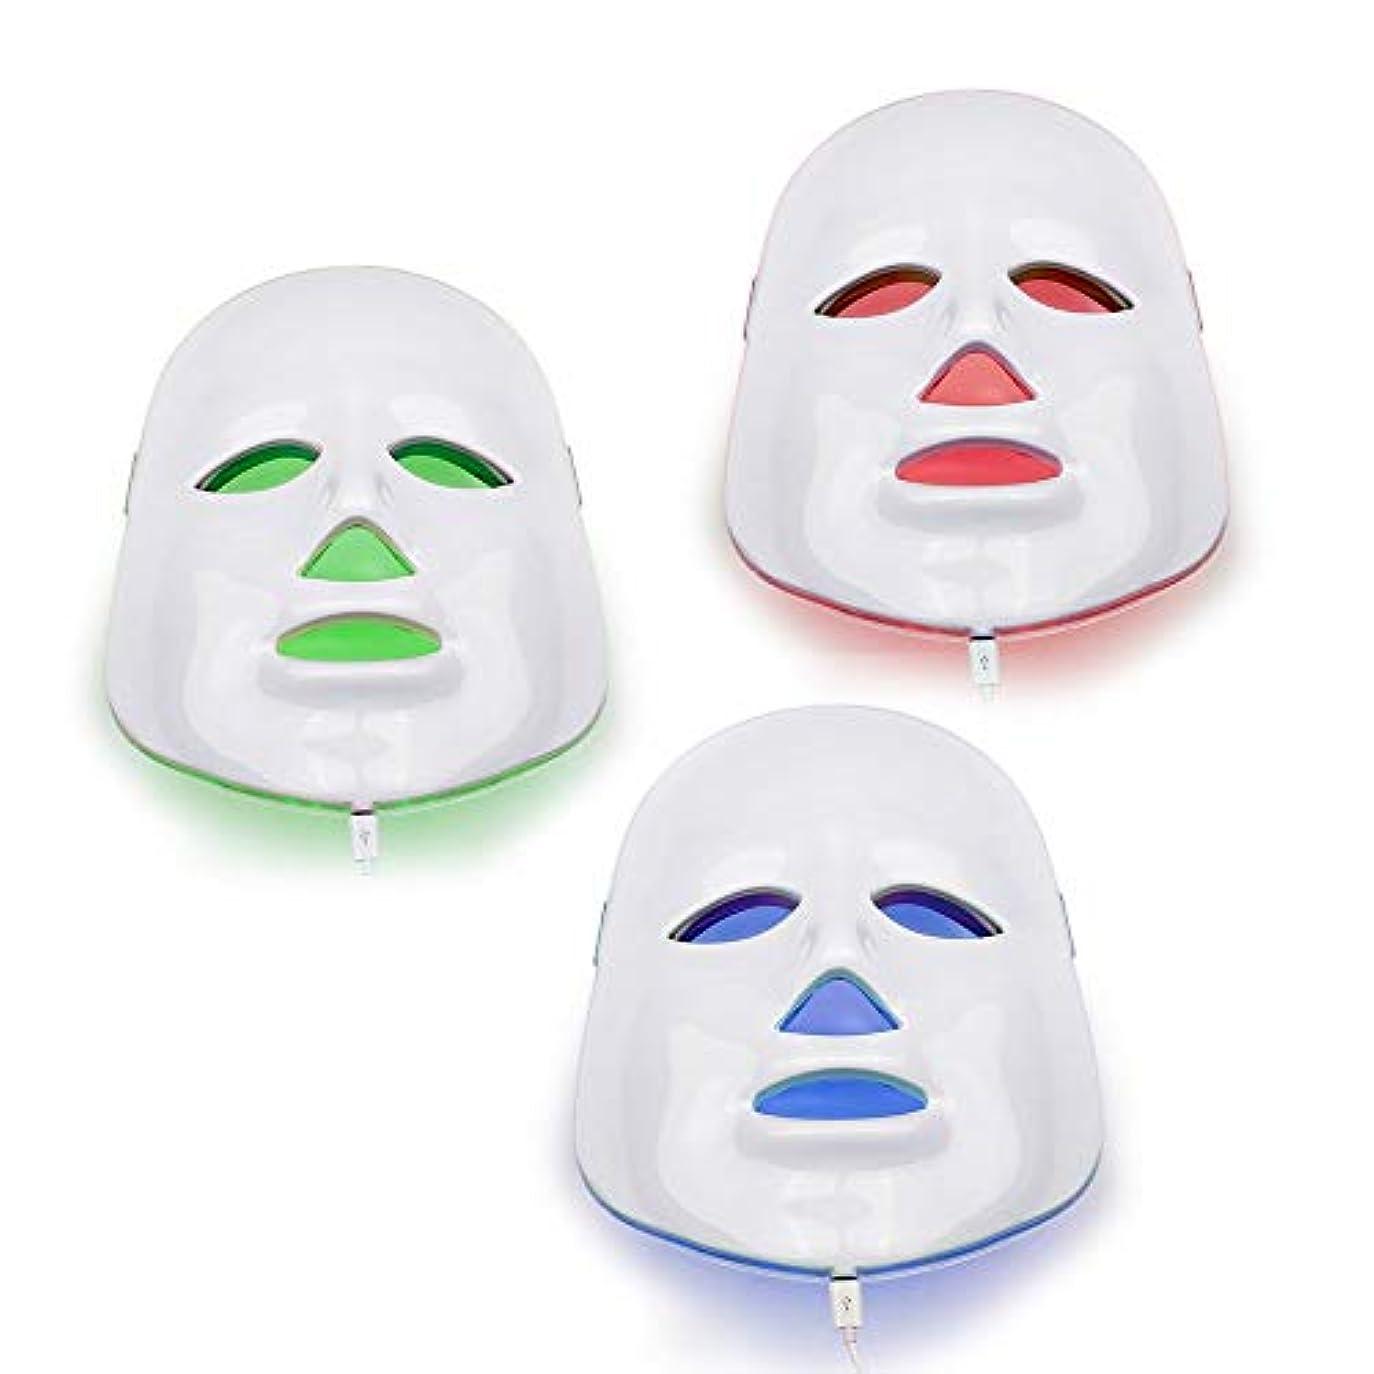 若者値アプライアンスNORLANYA BEAUTY EQUIPMENT マスク顔光線療法フェイシャルスキンケアマスカラは皮膚 調色しわ除去 用 光を主導主導しました